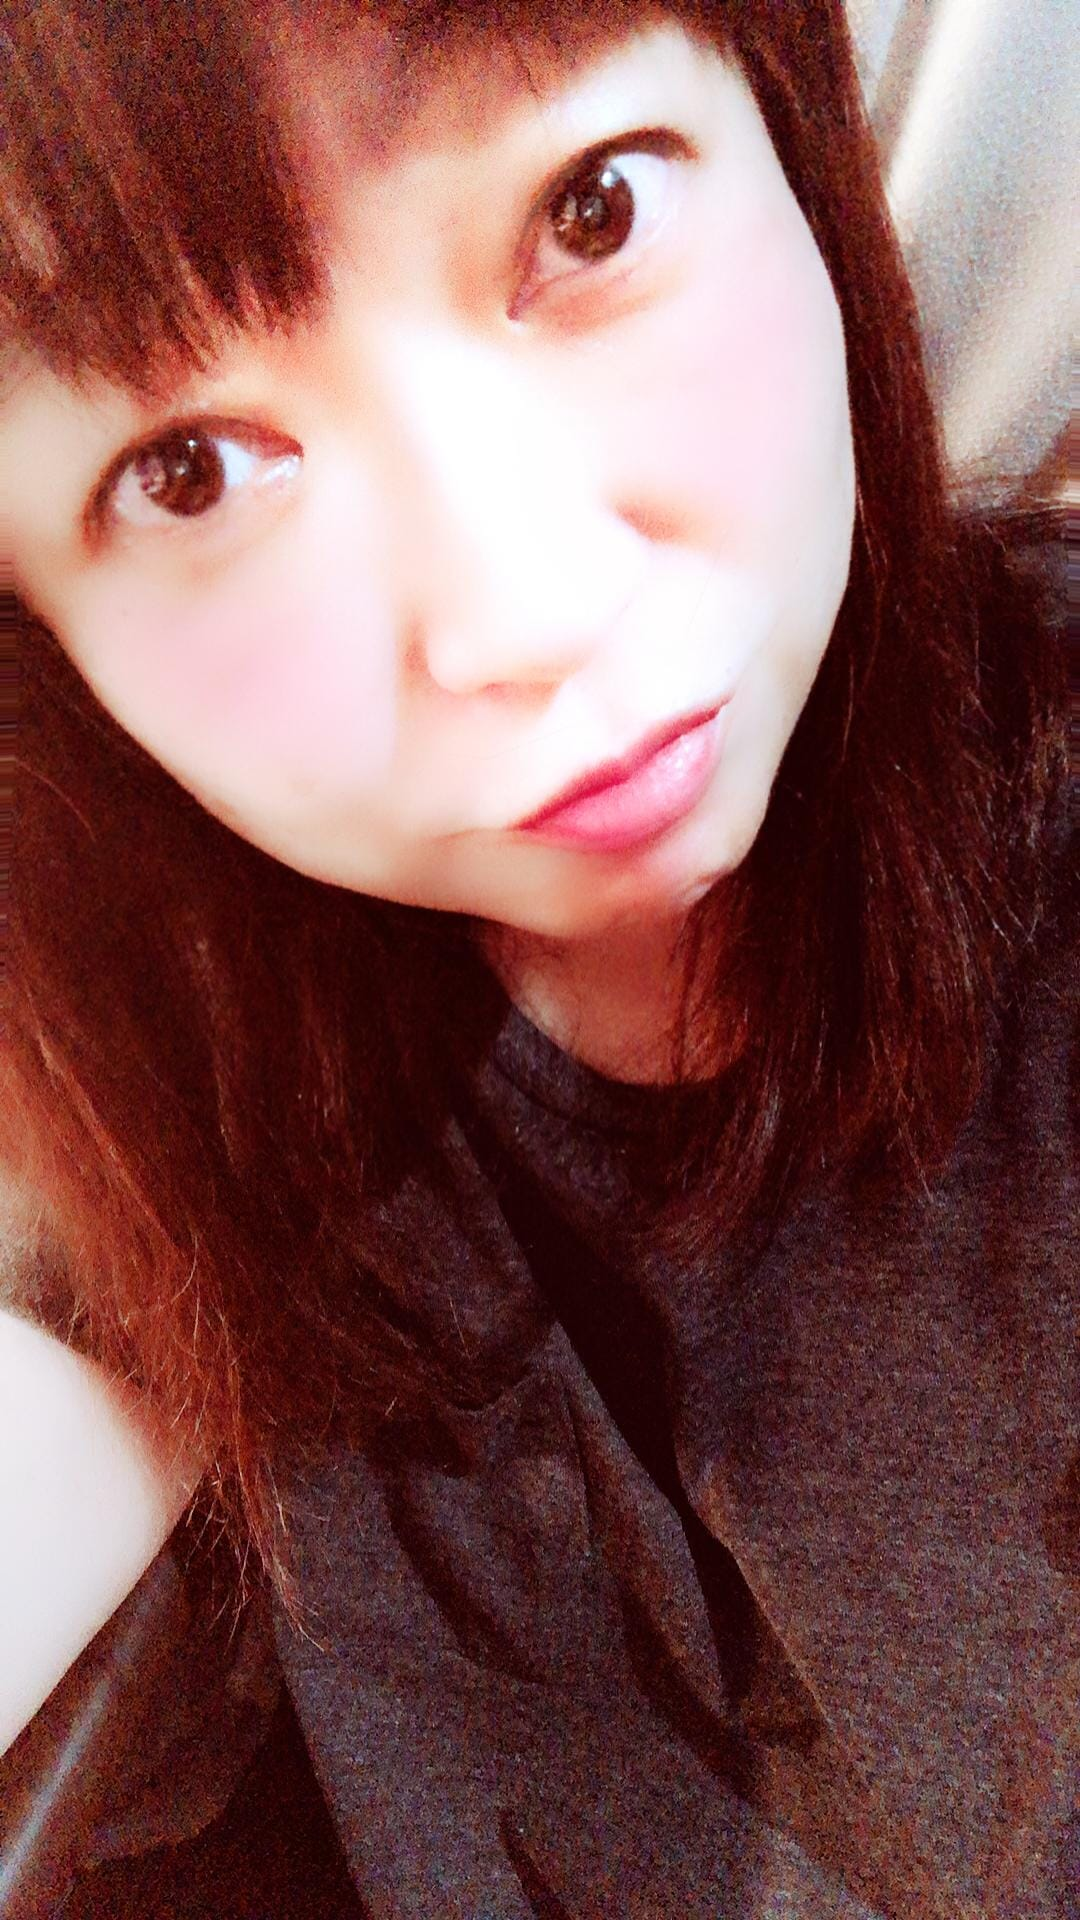 「お疲れ様でした」08/13(08/13) 05:08 | 新島(にいじま)の写メ・風俗動画